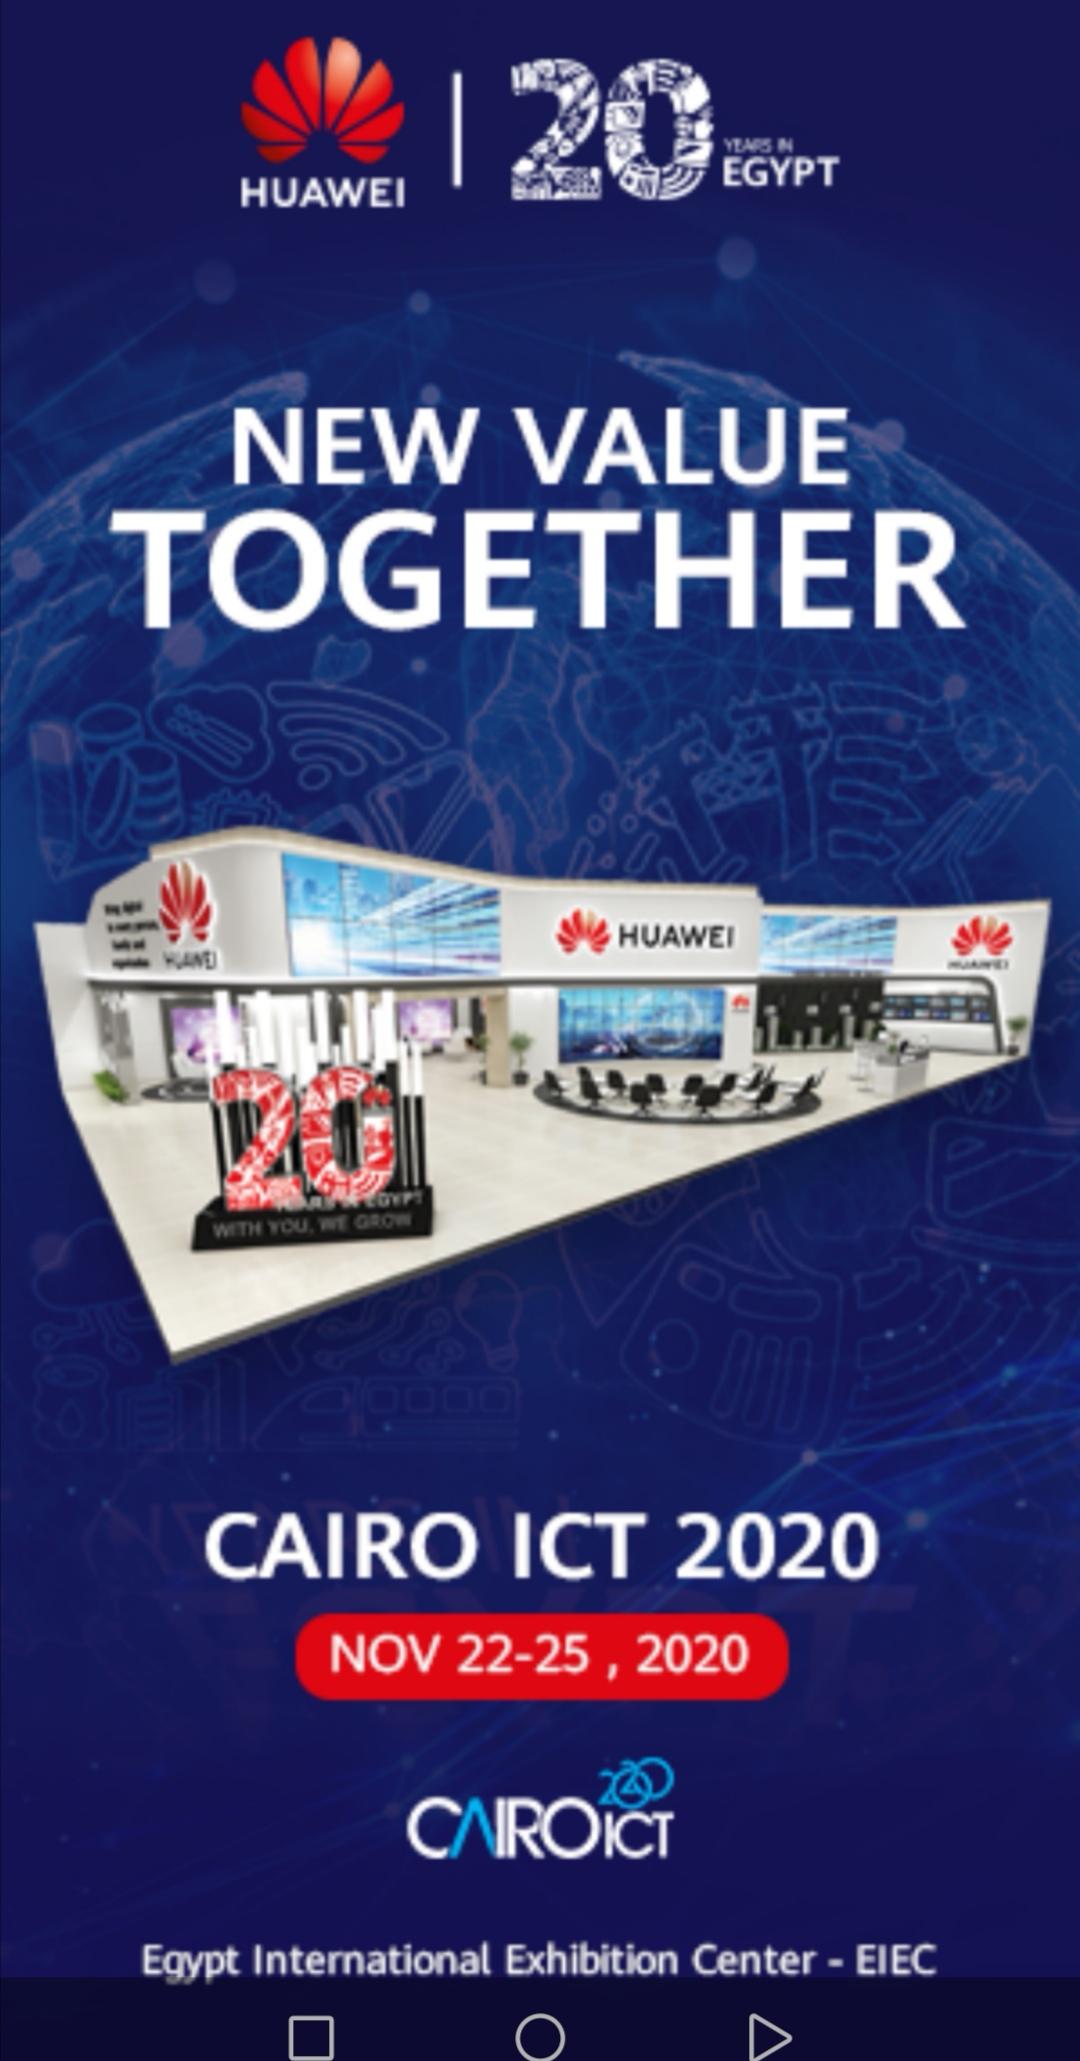 هواوي تستعرض 9 مفاهيم تكنولوجية جديدة خلال معرض Cairo ICT 2020